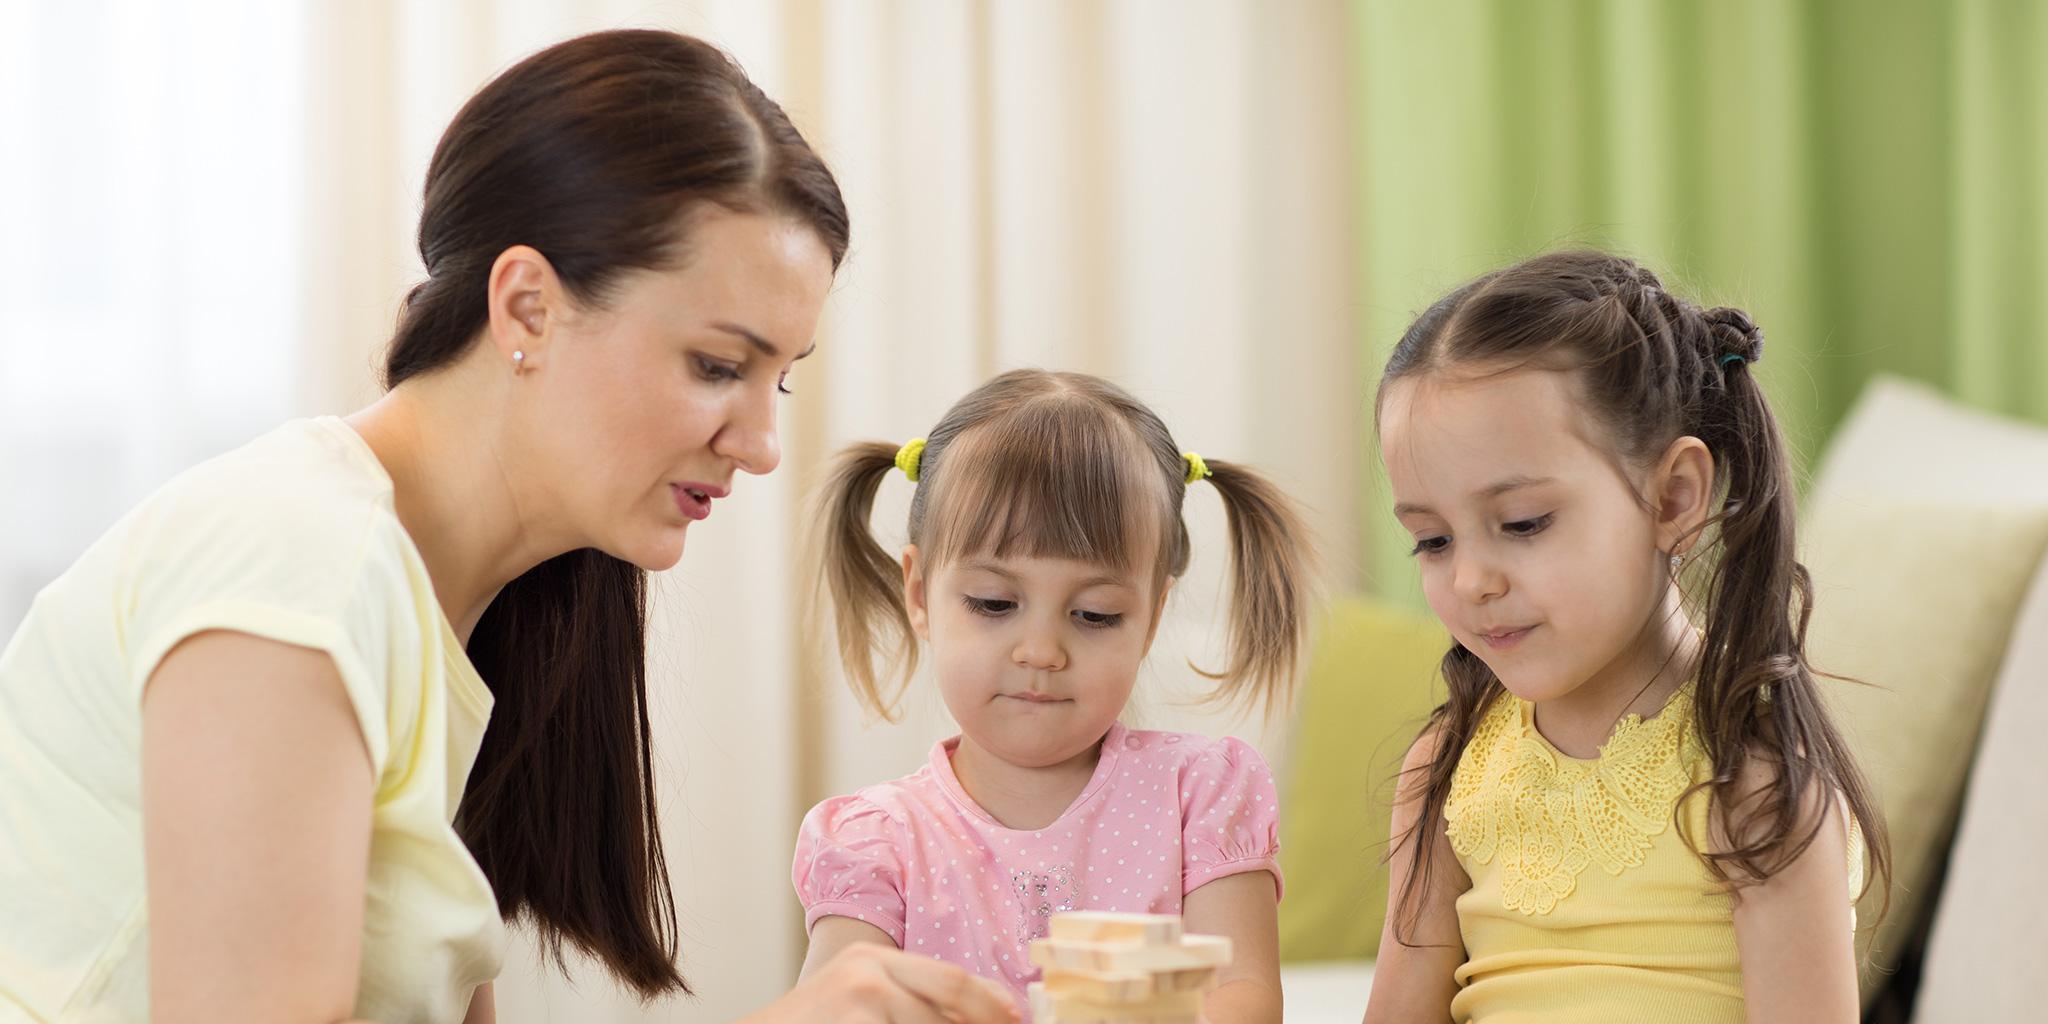 Förbered dig inför ditt första barnvaktsjobb